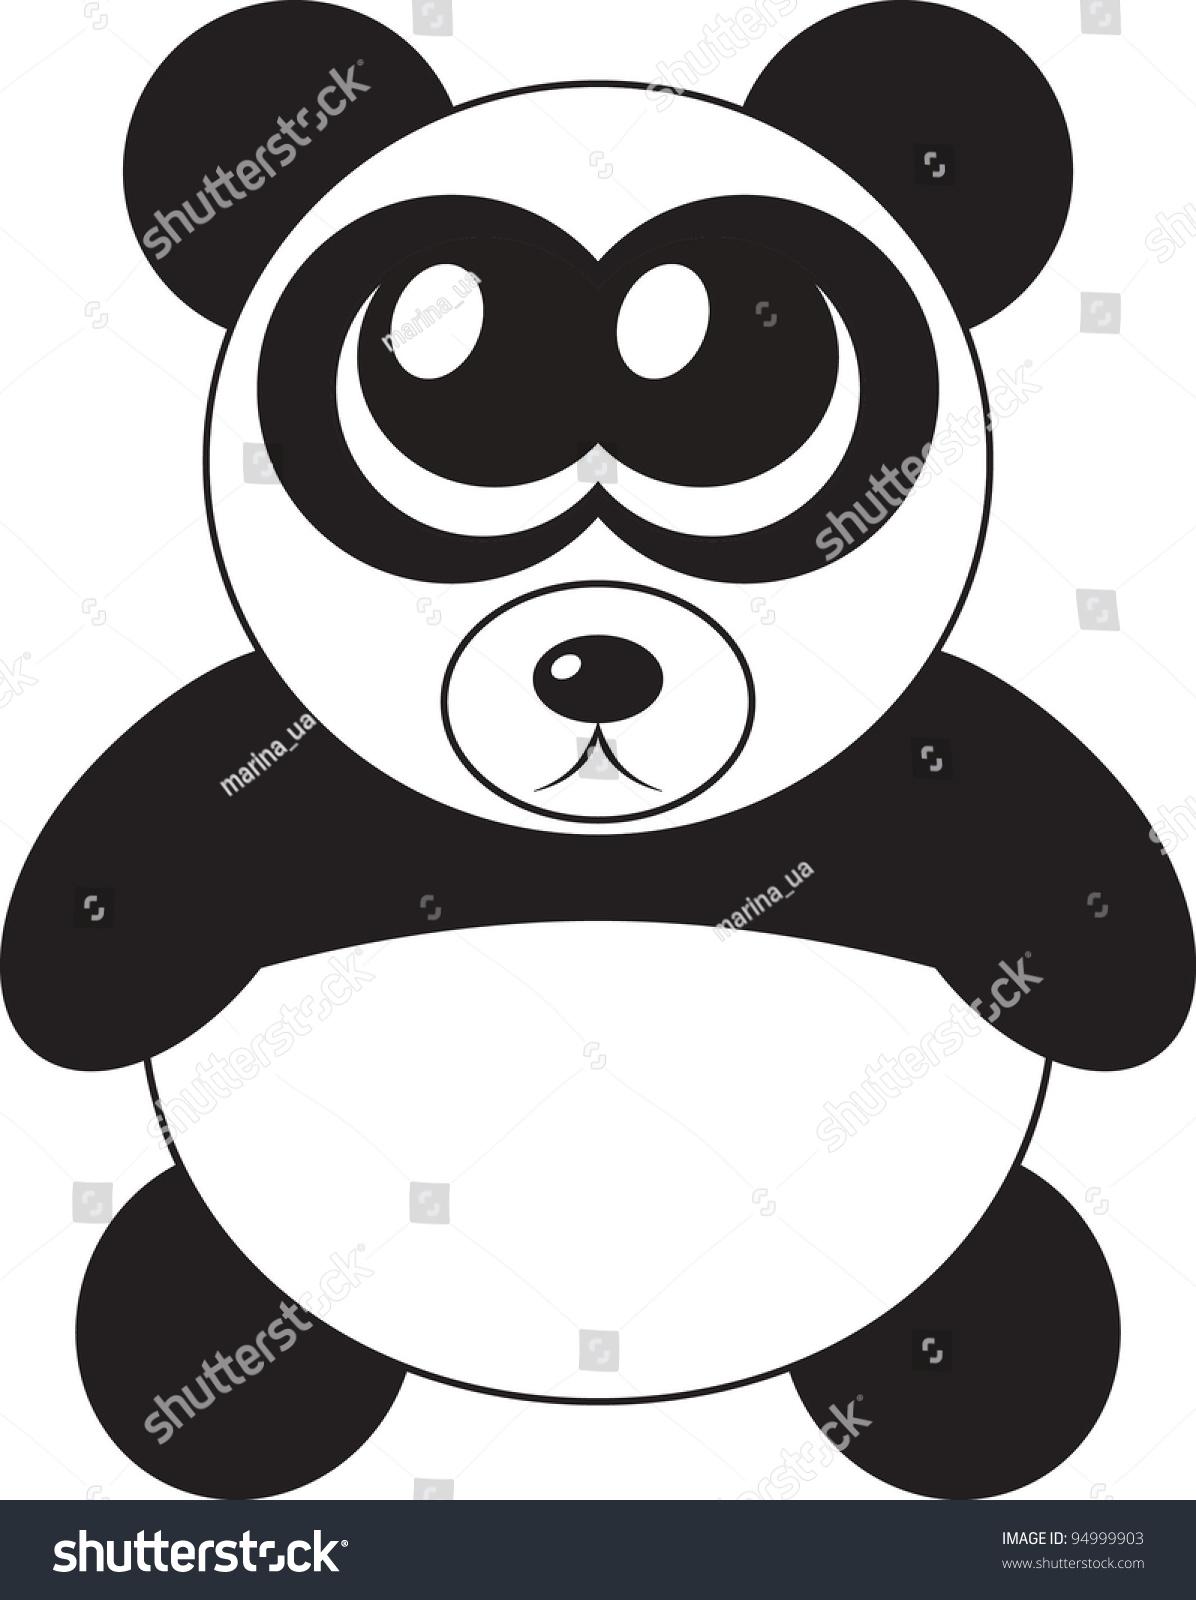 Cute Cartoon Panda Big Eyes Vector Stock Vector Royalty Free 94999903